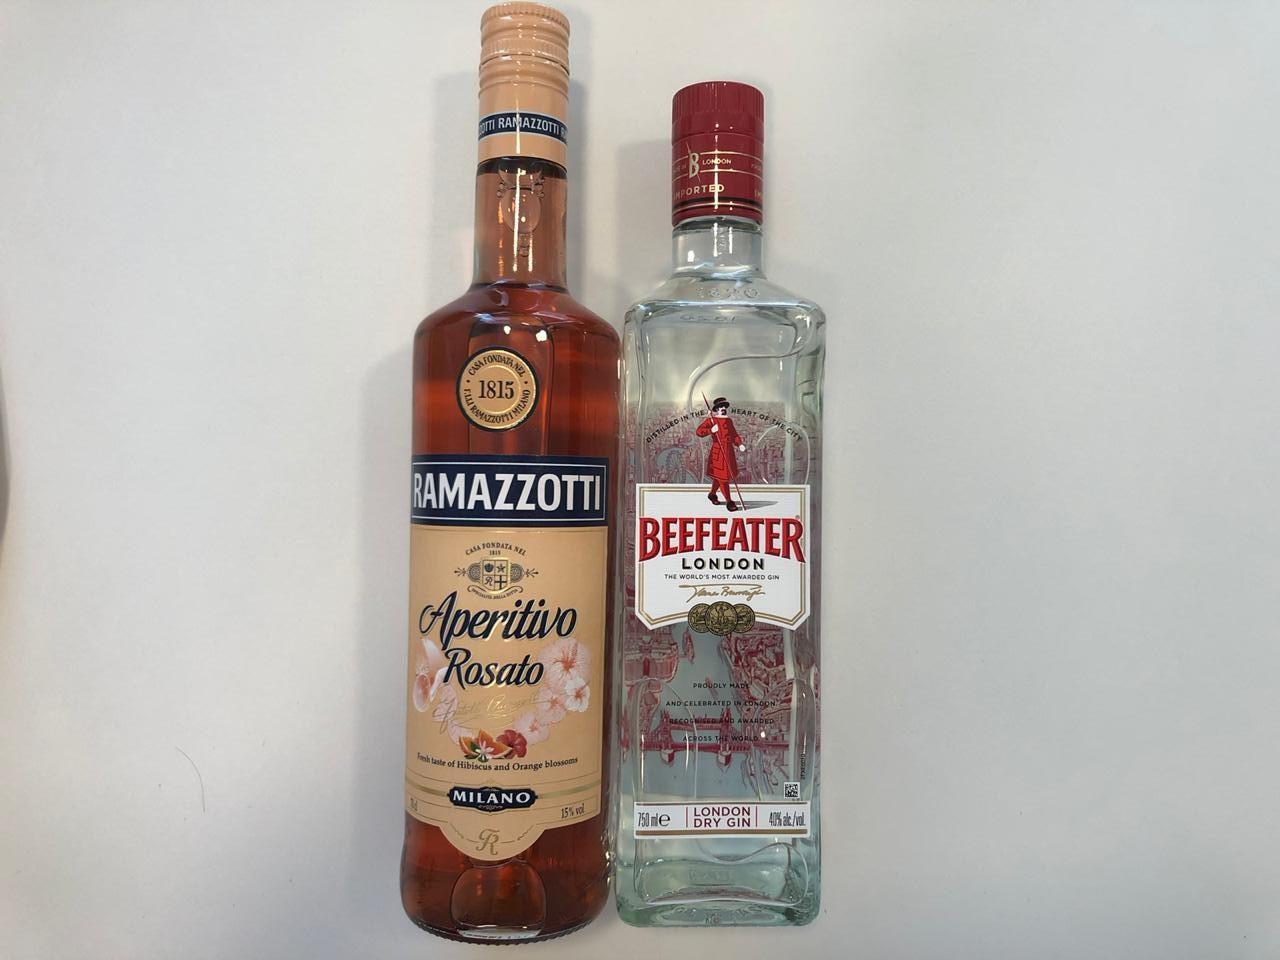 Estas botellas de Beefeter y Ramazzotti son perfectos para cualquier velada romántica.